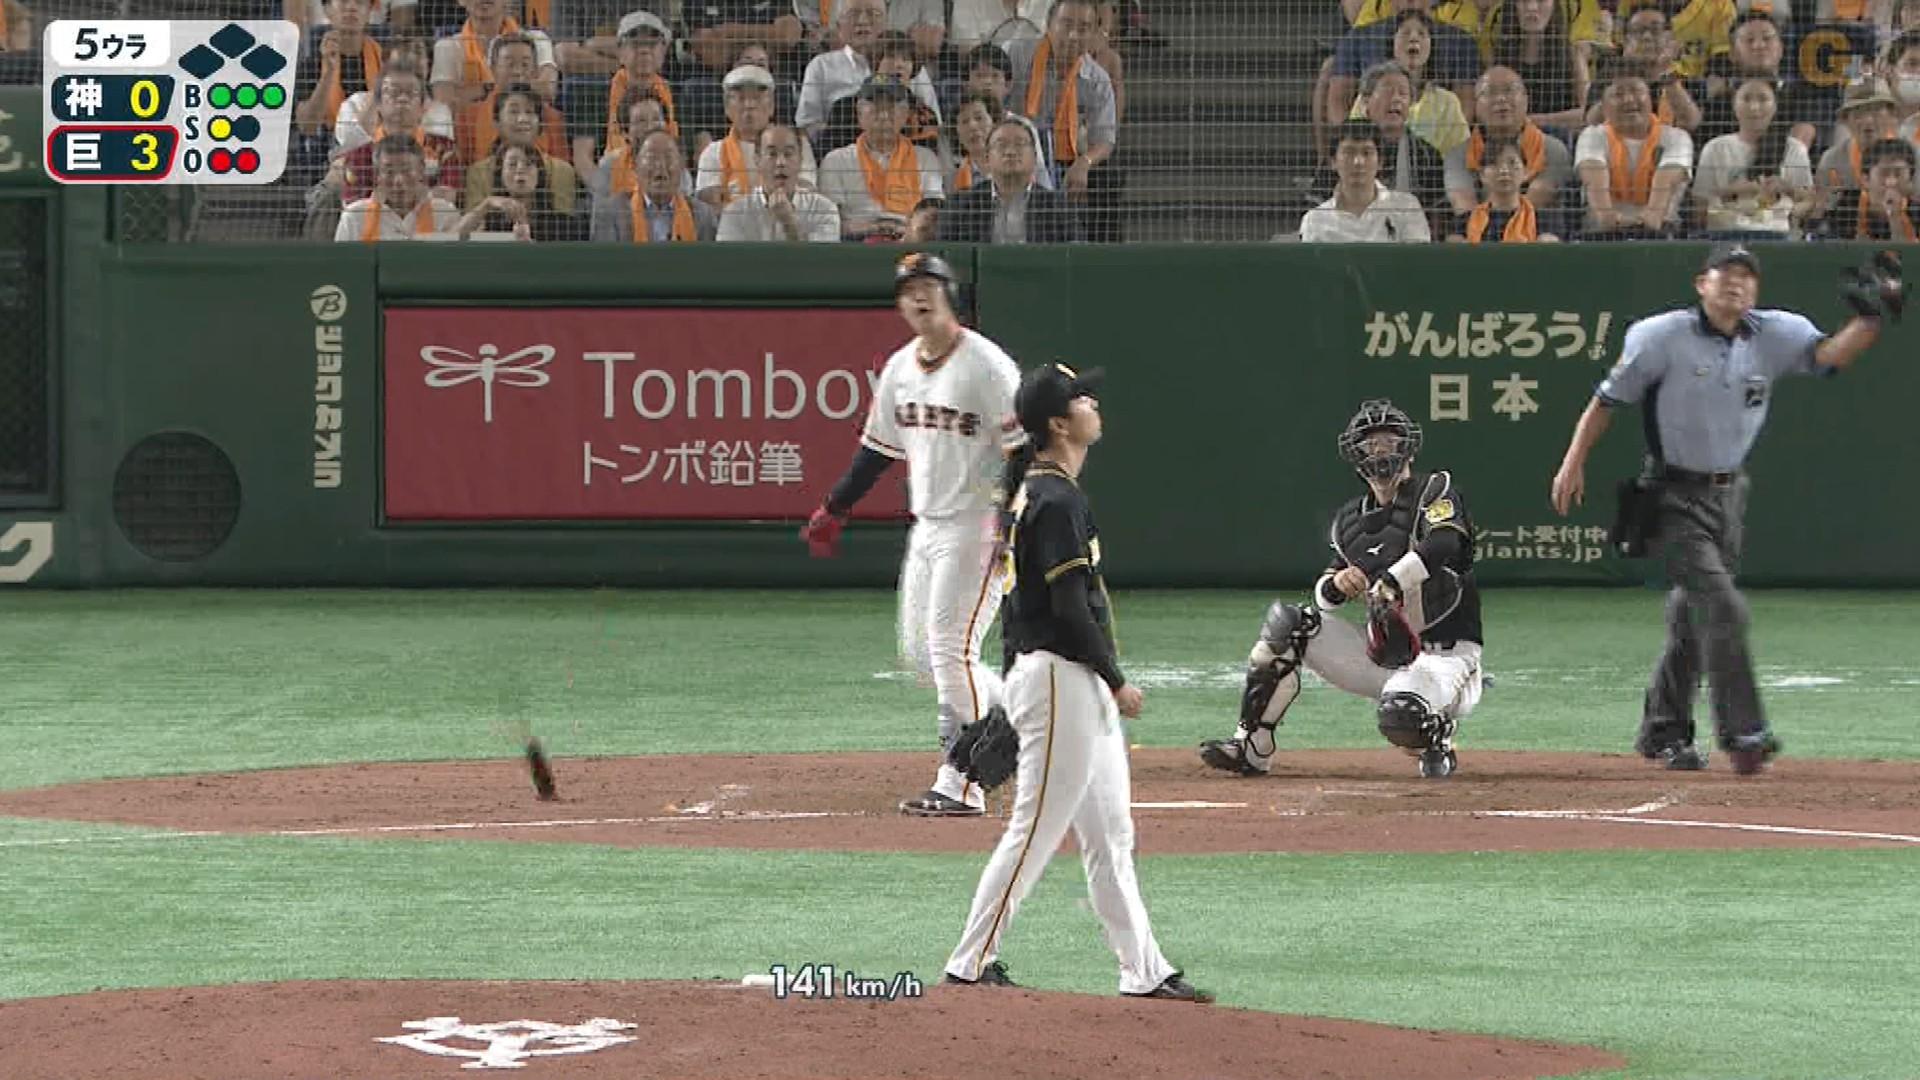 巨人・岡本、超特大ホームランを放ち確信歩き! バックスクリーン左の壁に直撃 : なんJ(まとめては)いかんのか?